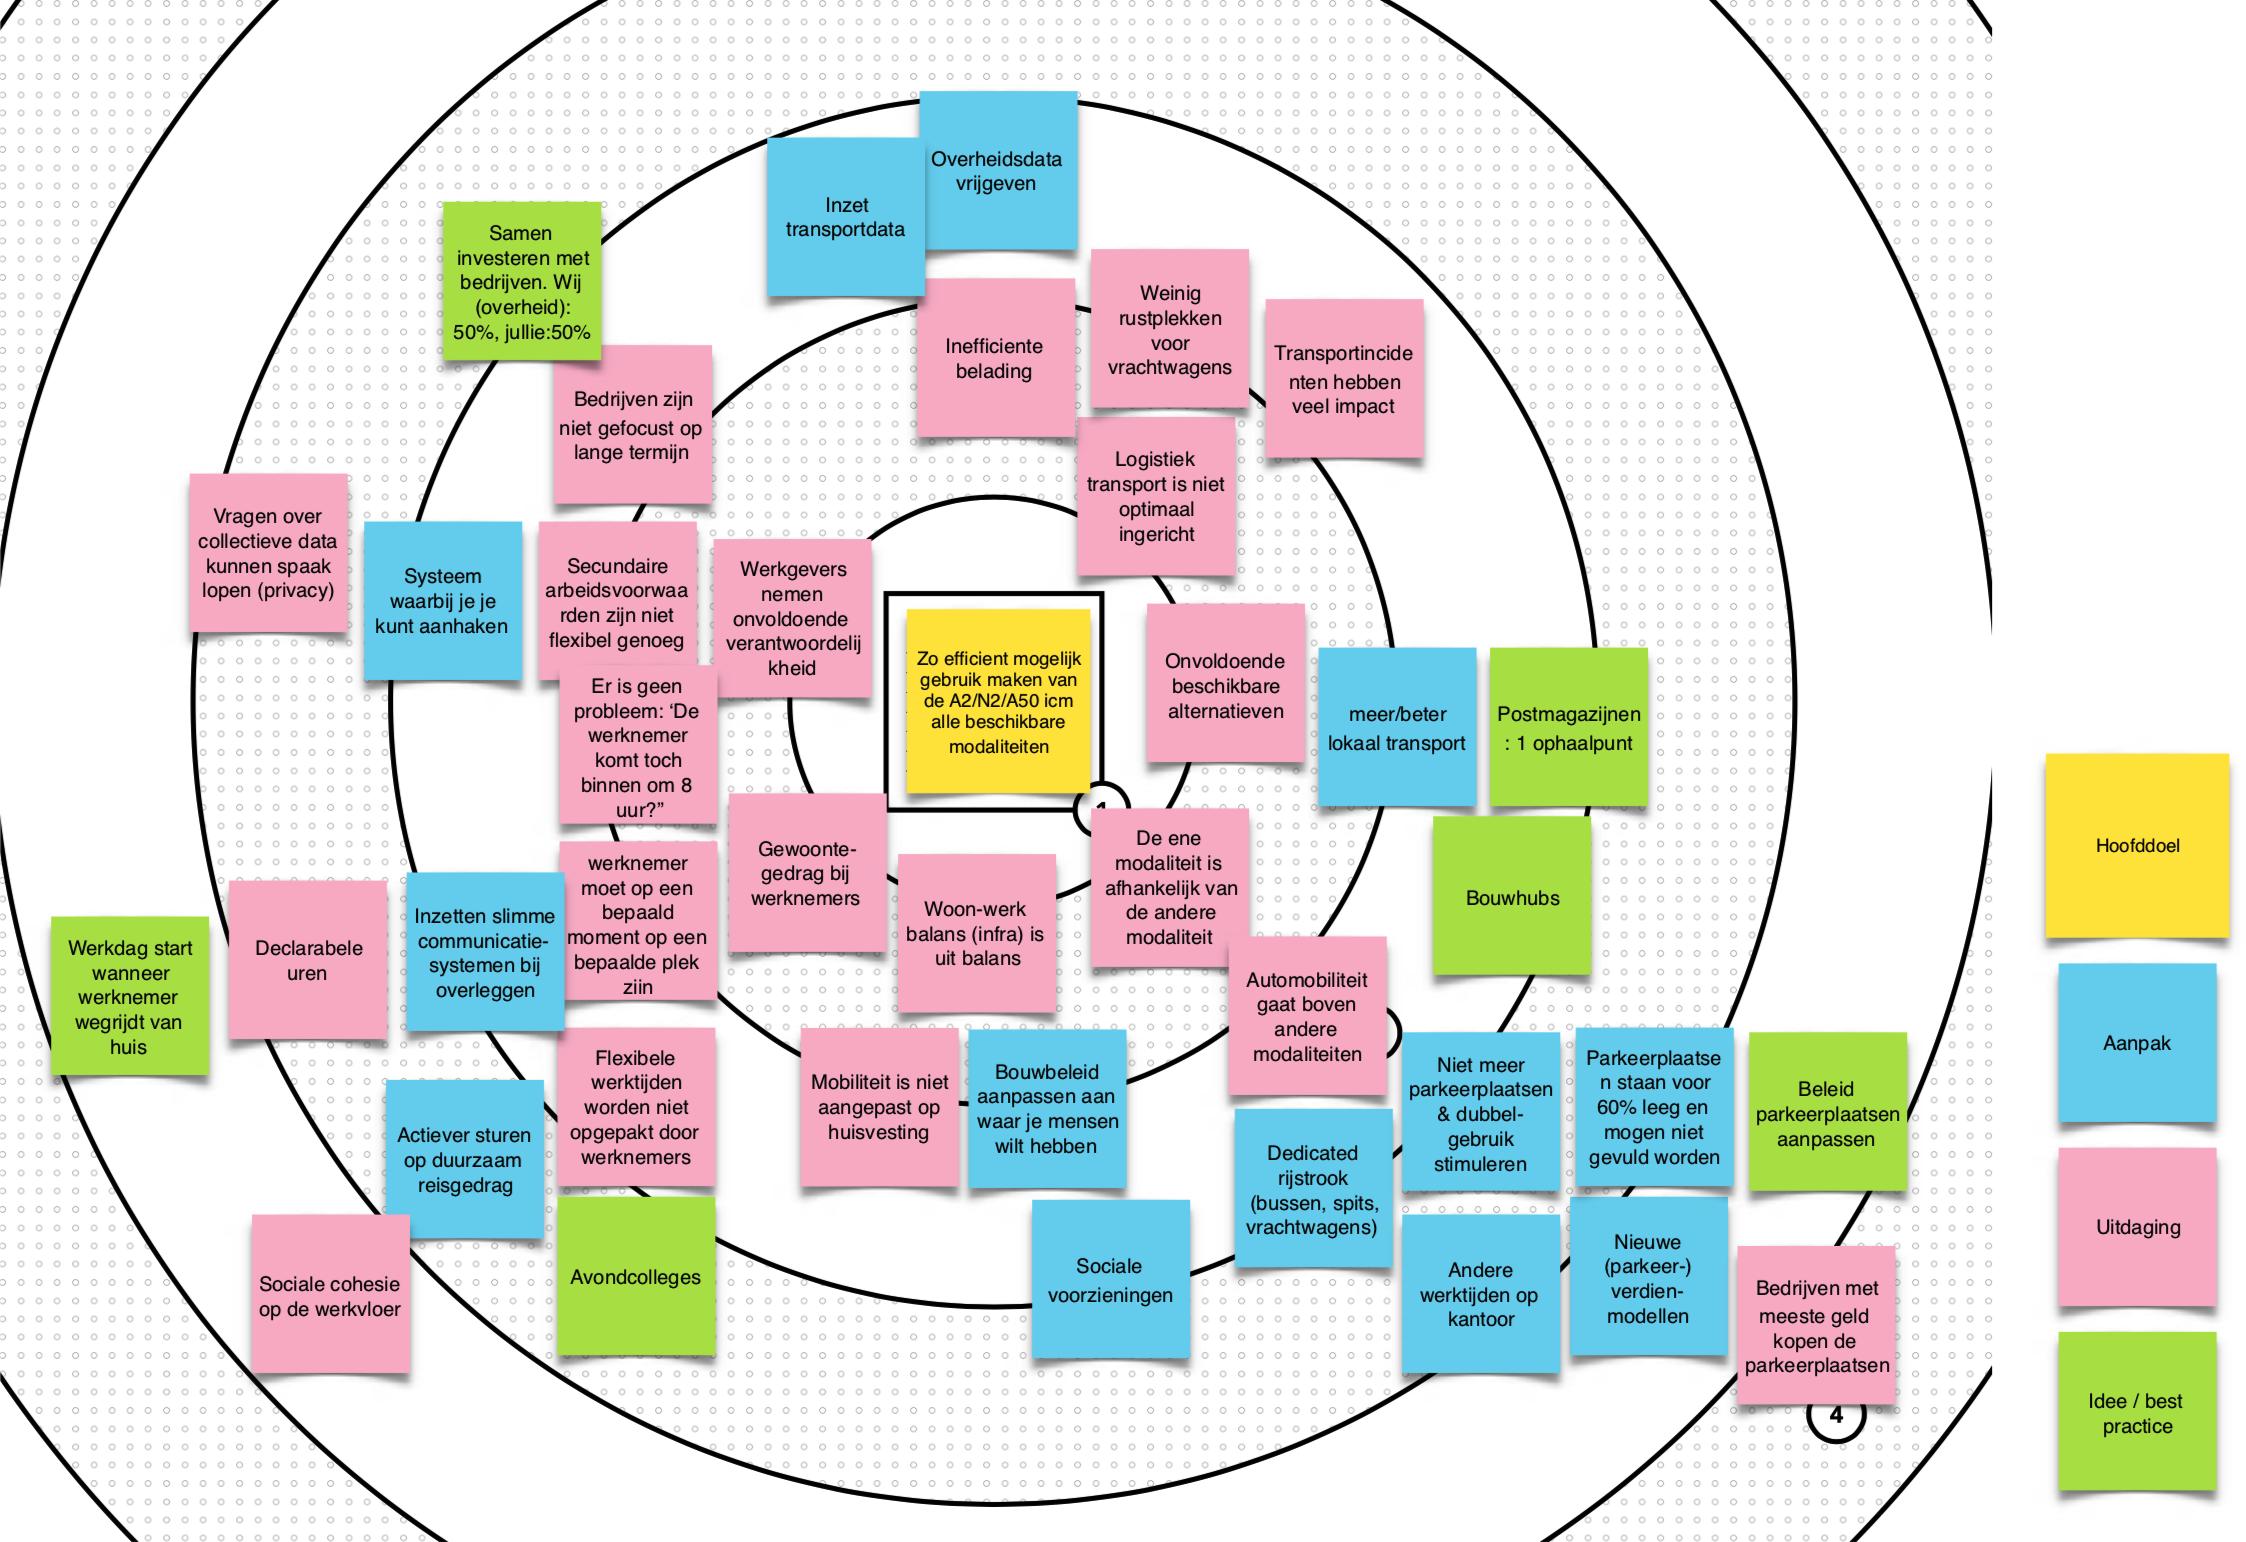 De Strategy Map met in het midden het hoofddoel.